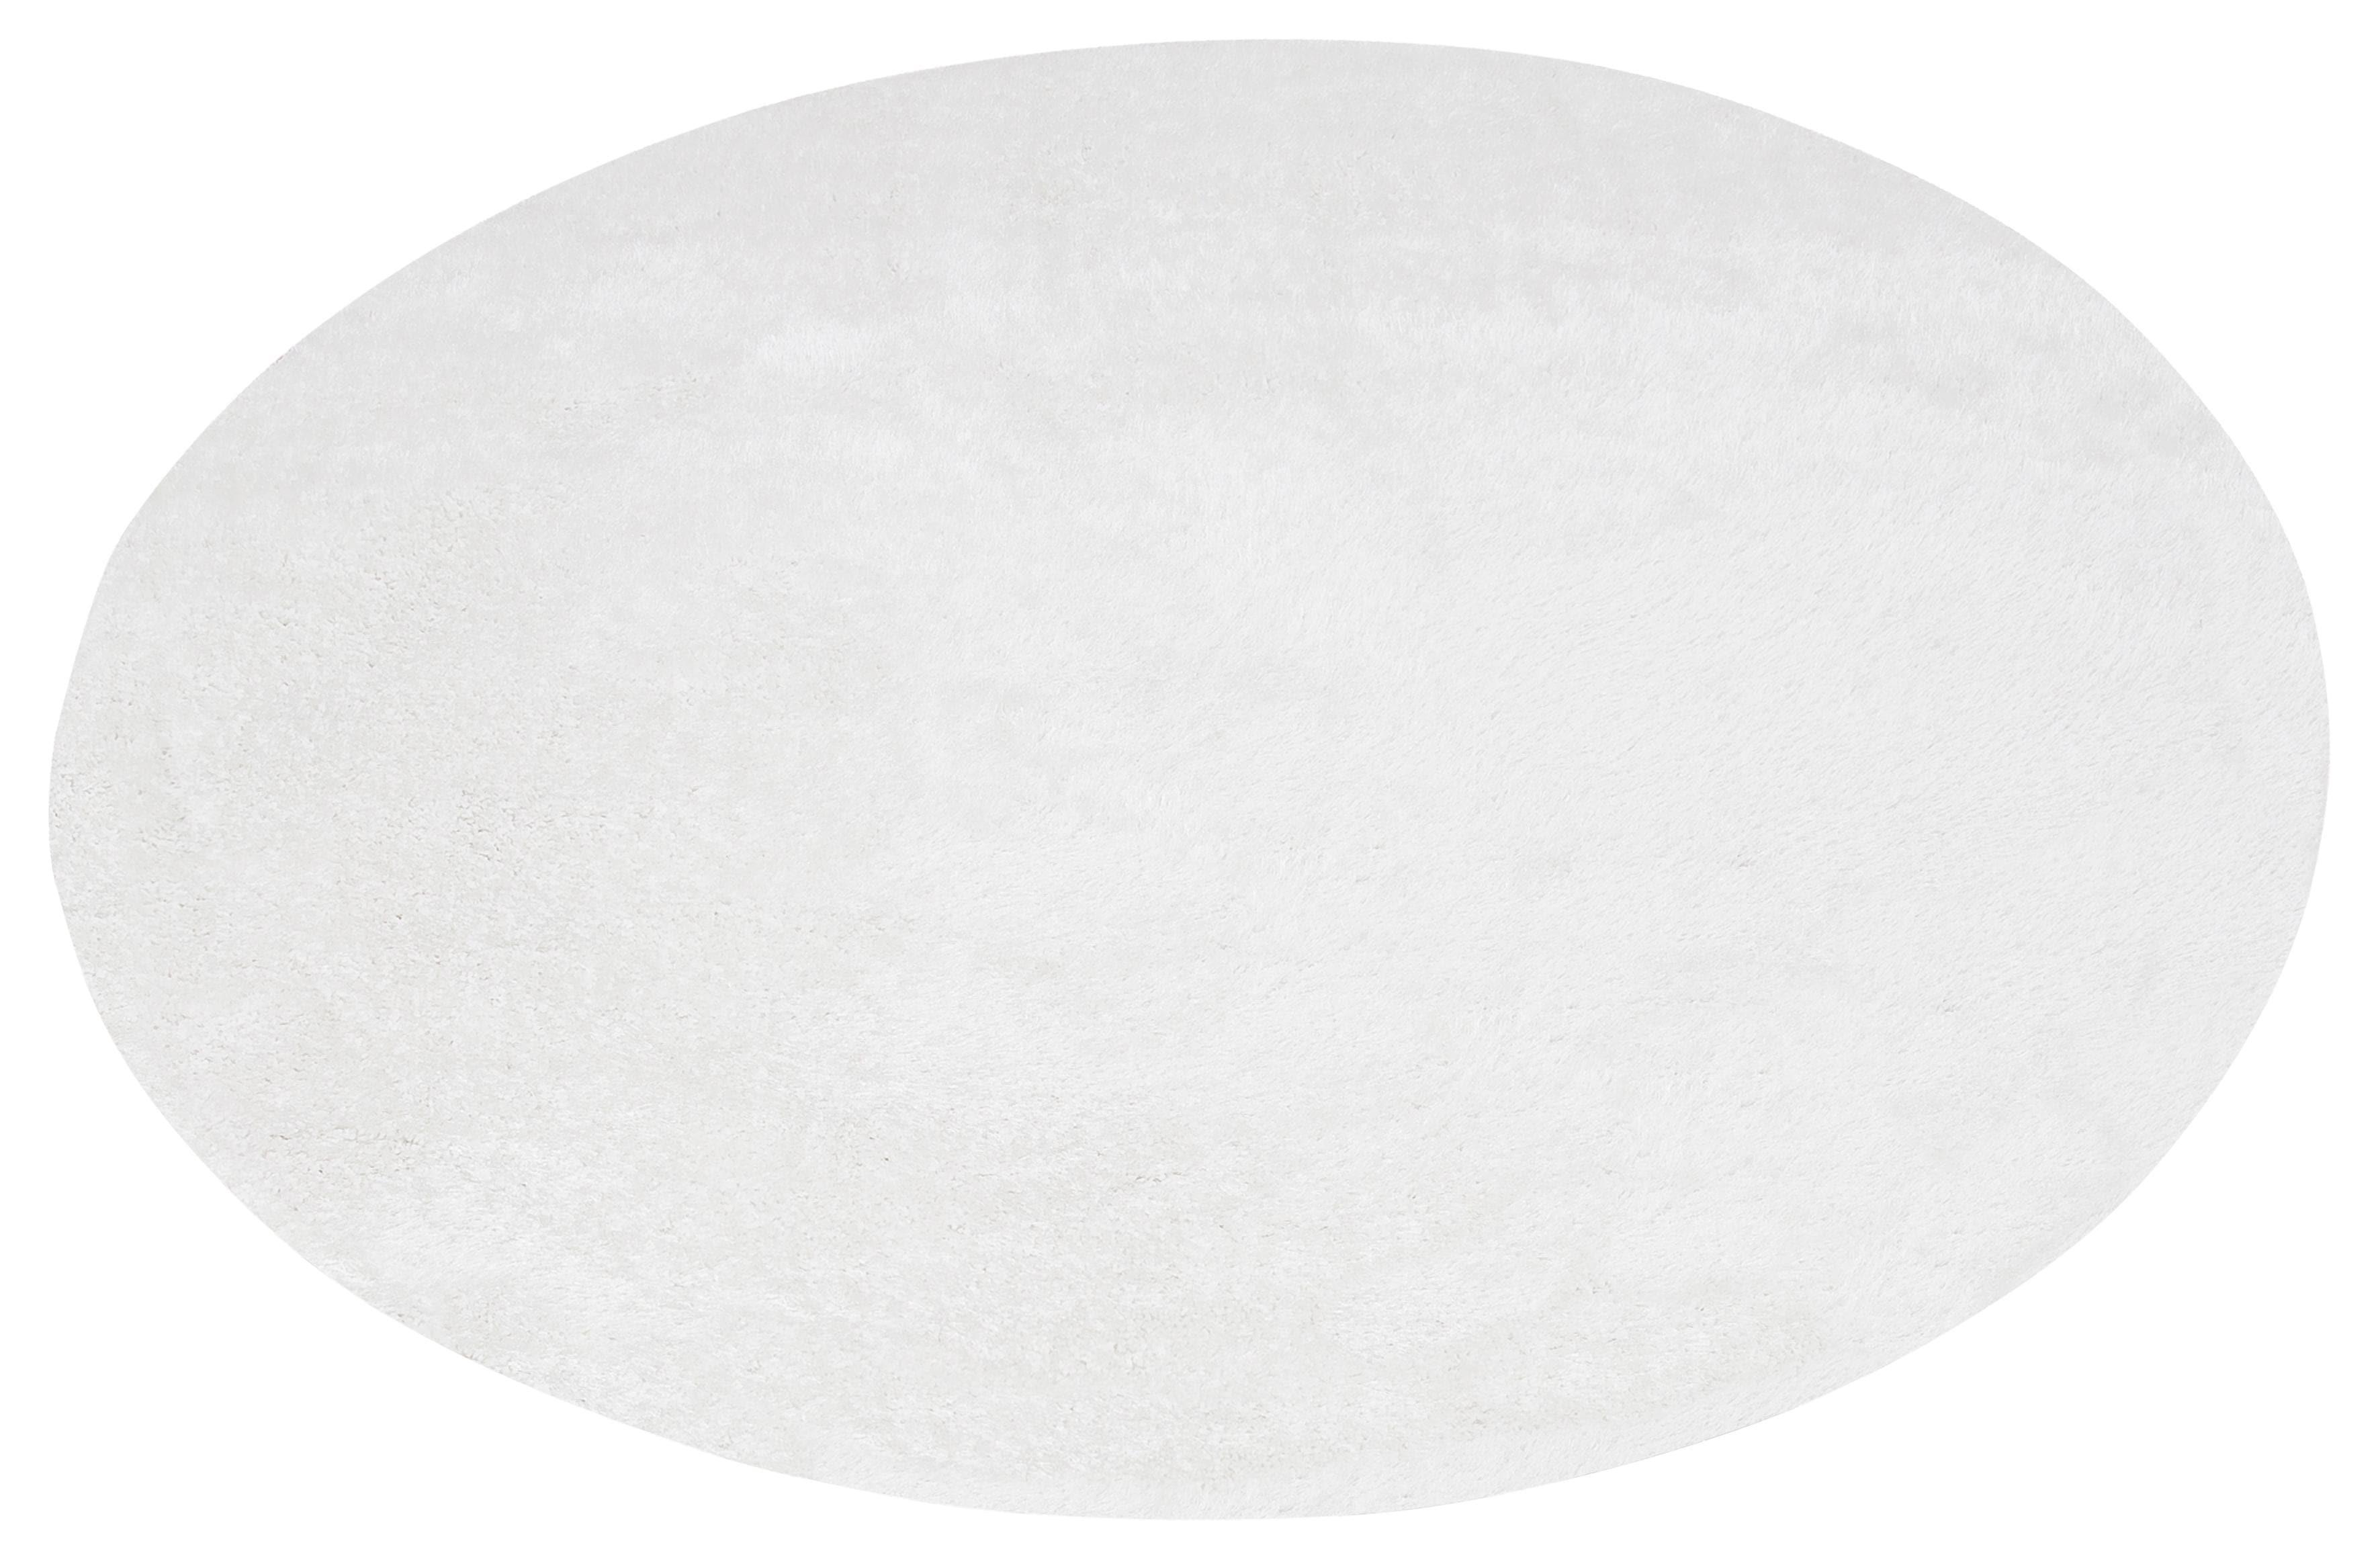 Hochflor-Teppich Mikro Soft Ideal my home rund Höhe 30 mm maschinell gewebt